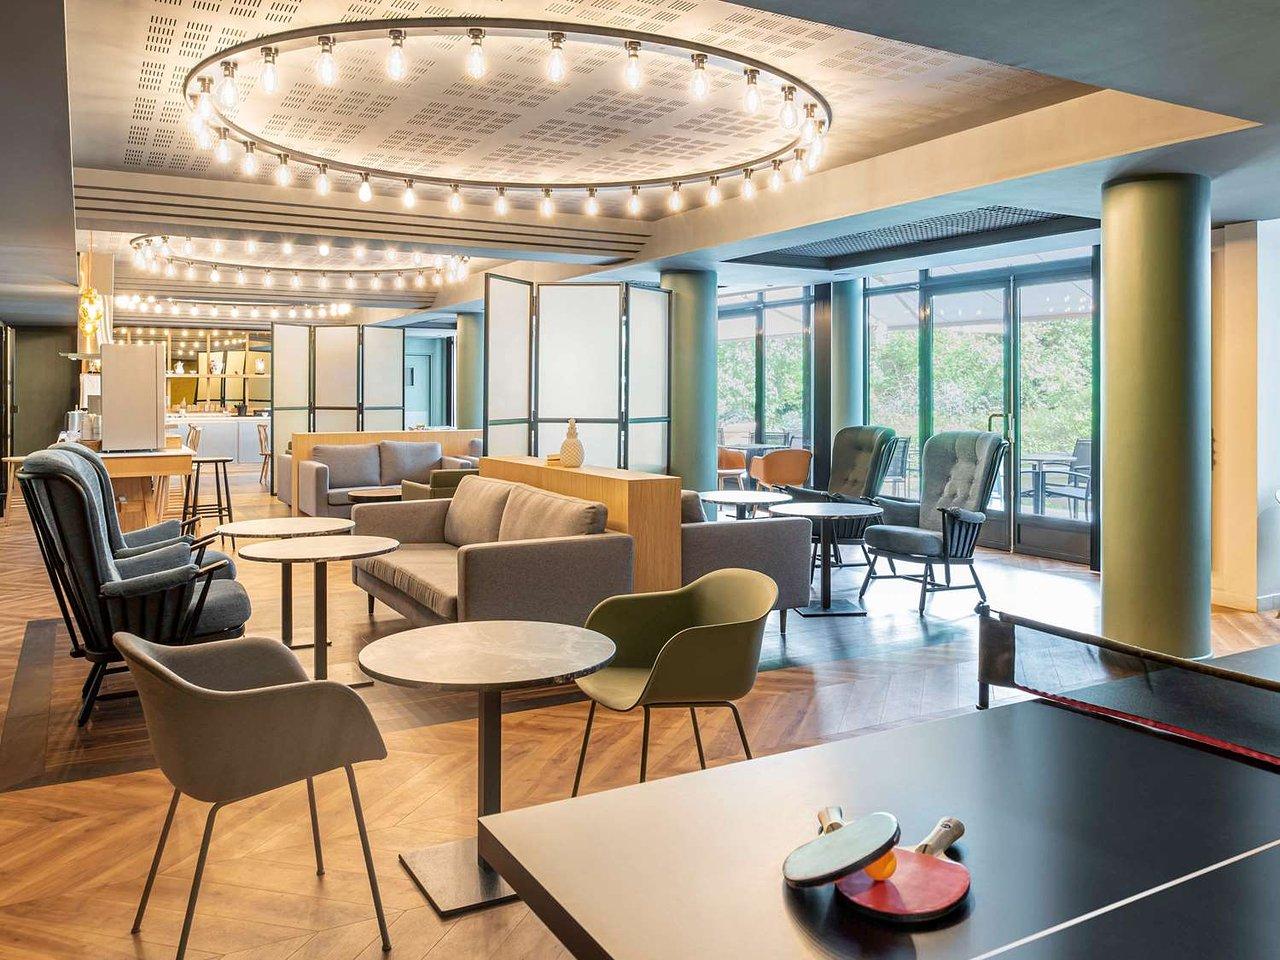 La Maison Bleue Issy Les Moulineaux adagio paris porte de versailles hotel (issy-les-moulineaux